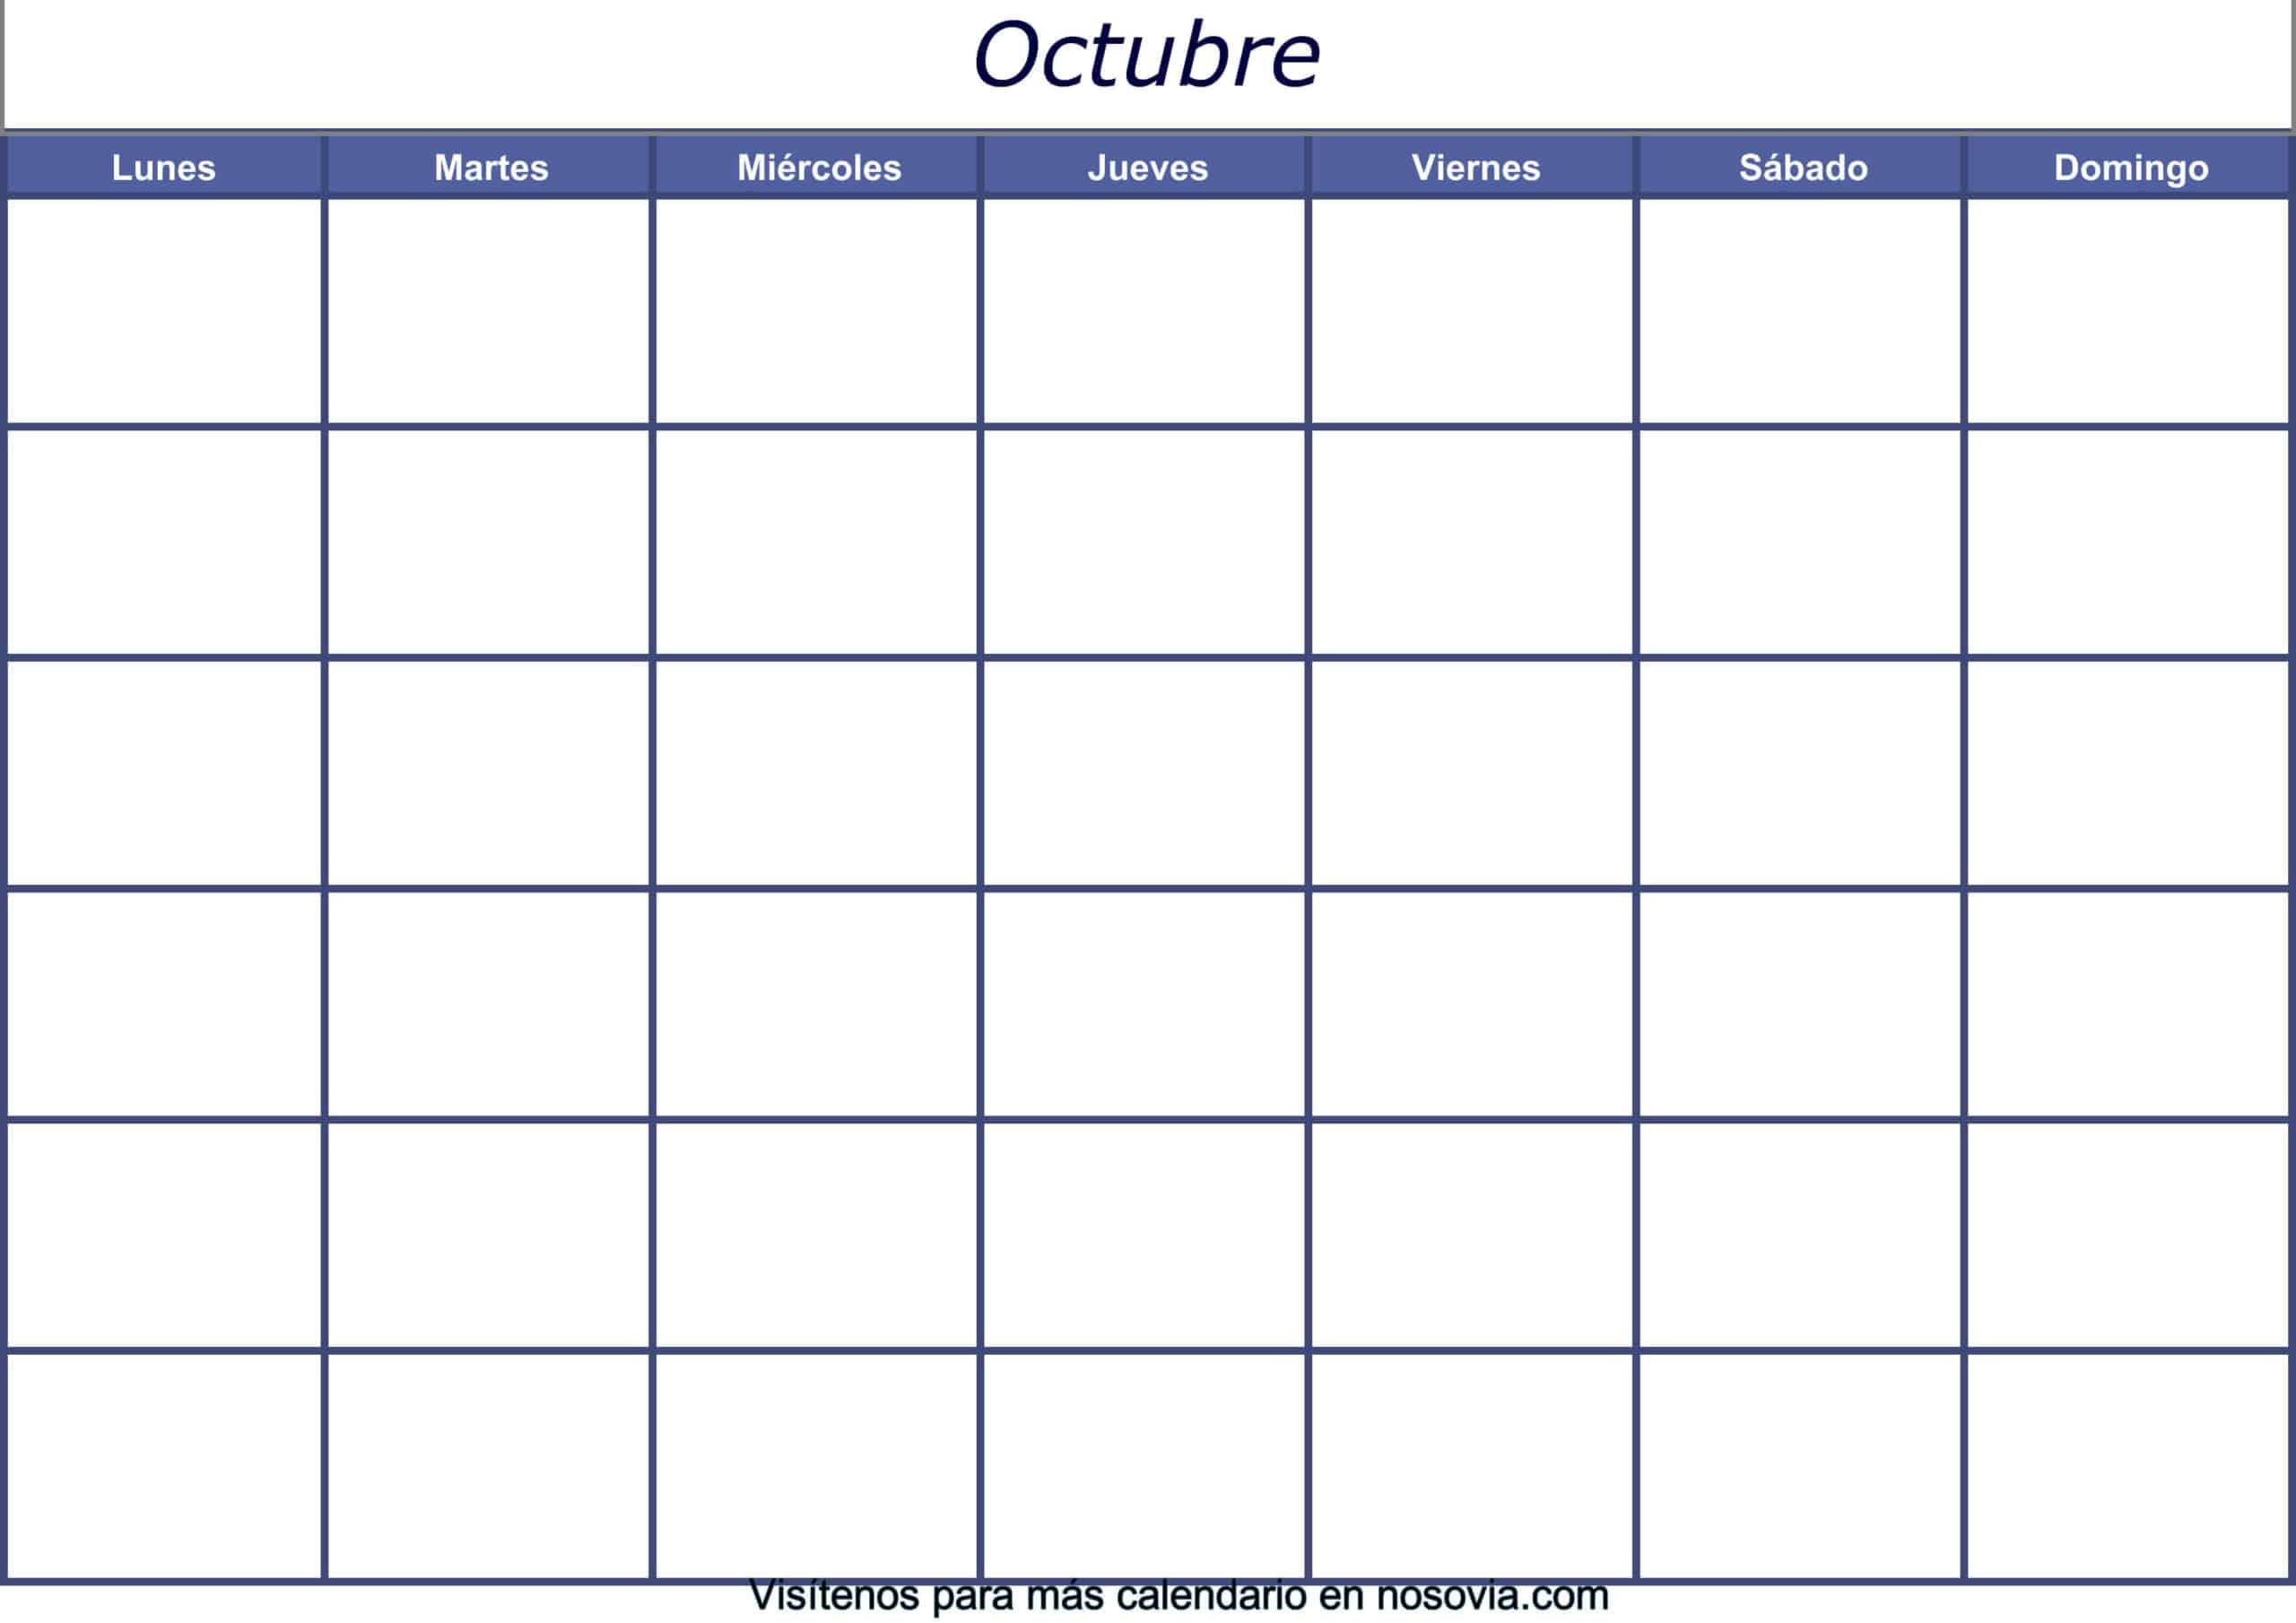 Calendario-octubre-2020-en-blanco-para-imprimir-gratis